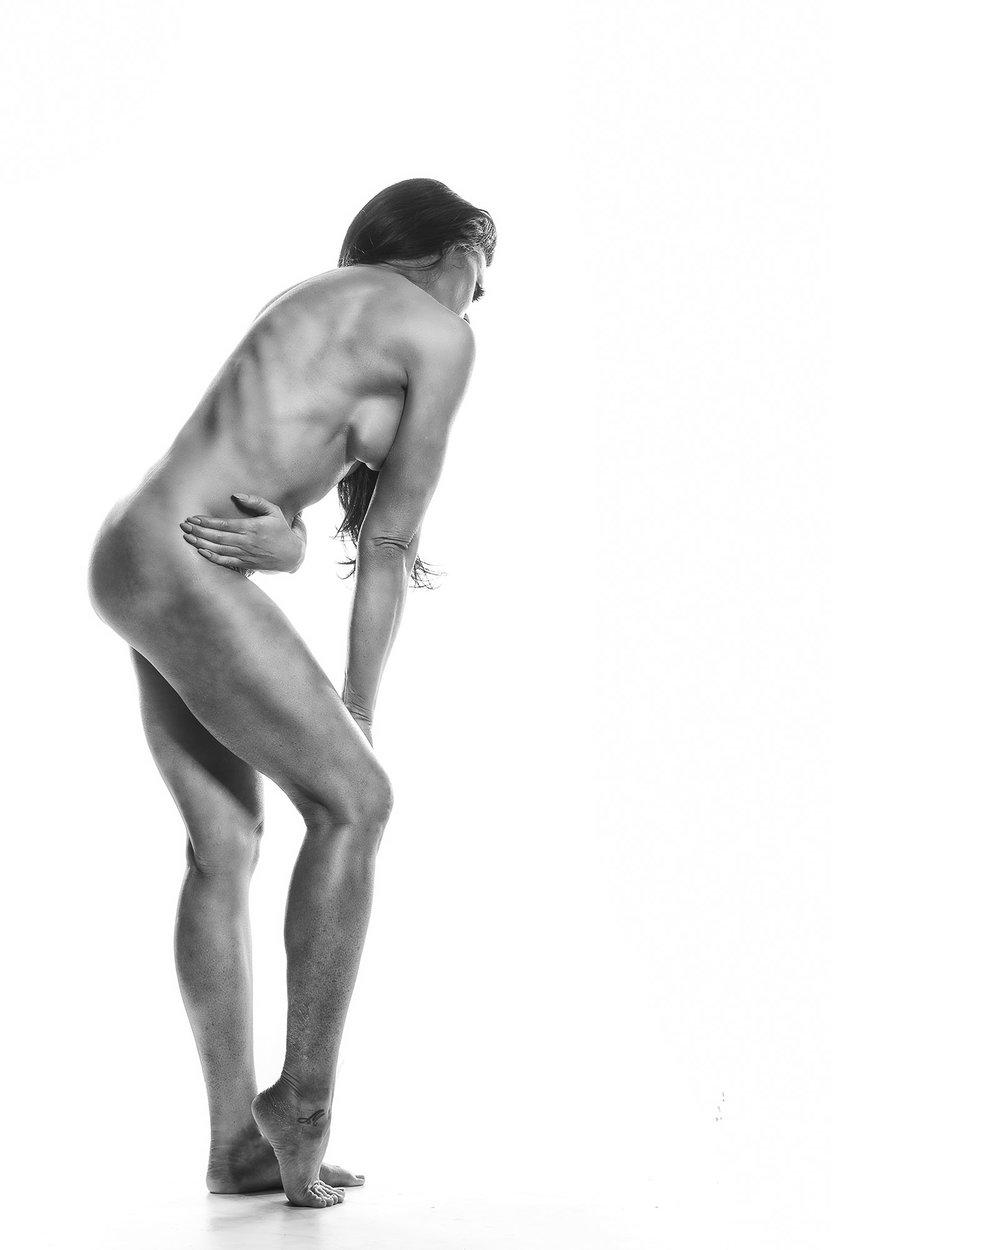 female-athlete-implied-nude.jpg